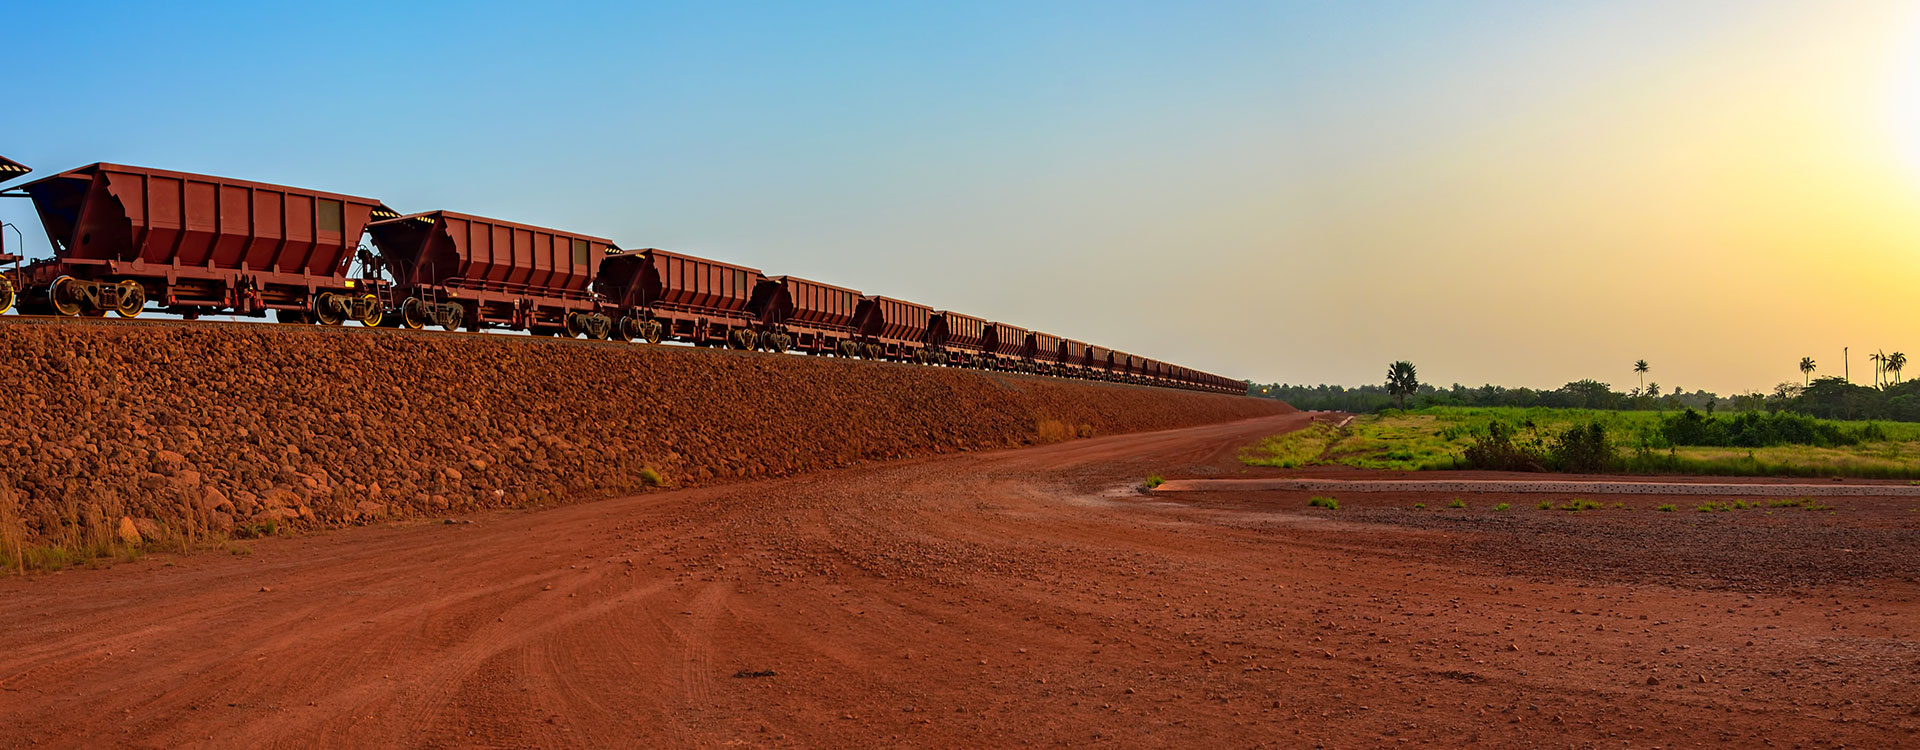 slider-train